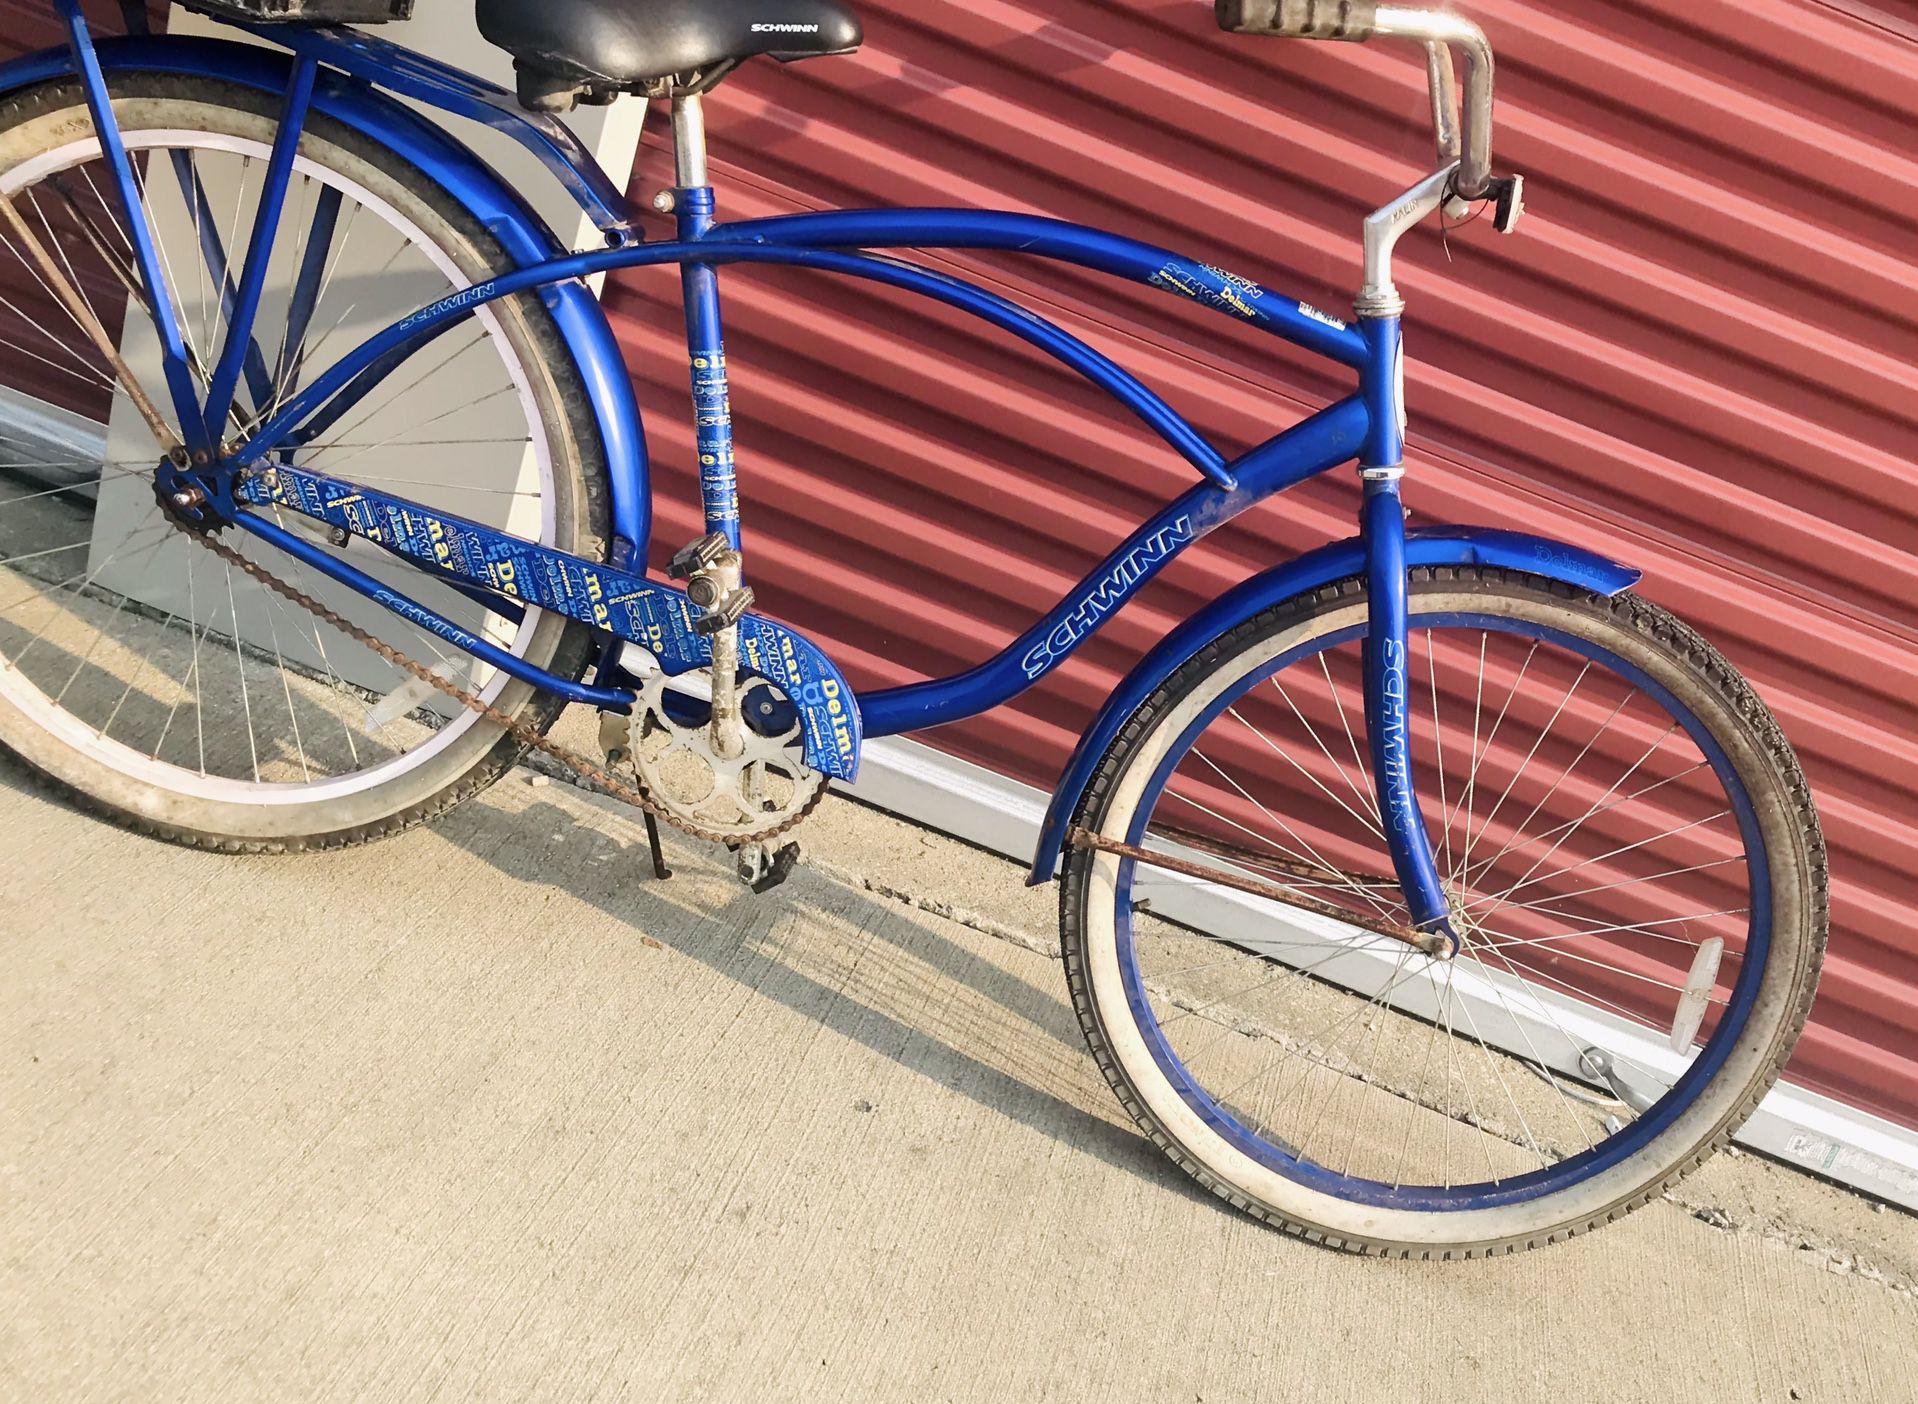 Hers and his Schwinn Delmar 26 inch Bikes